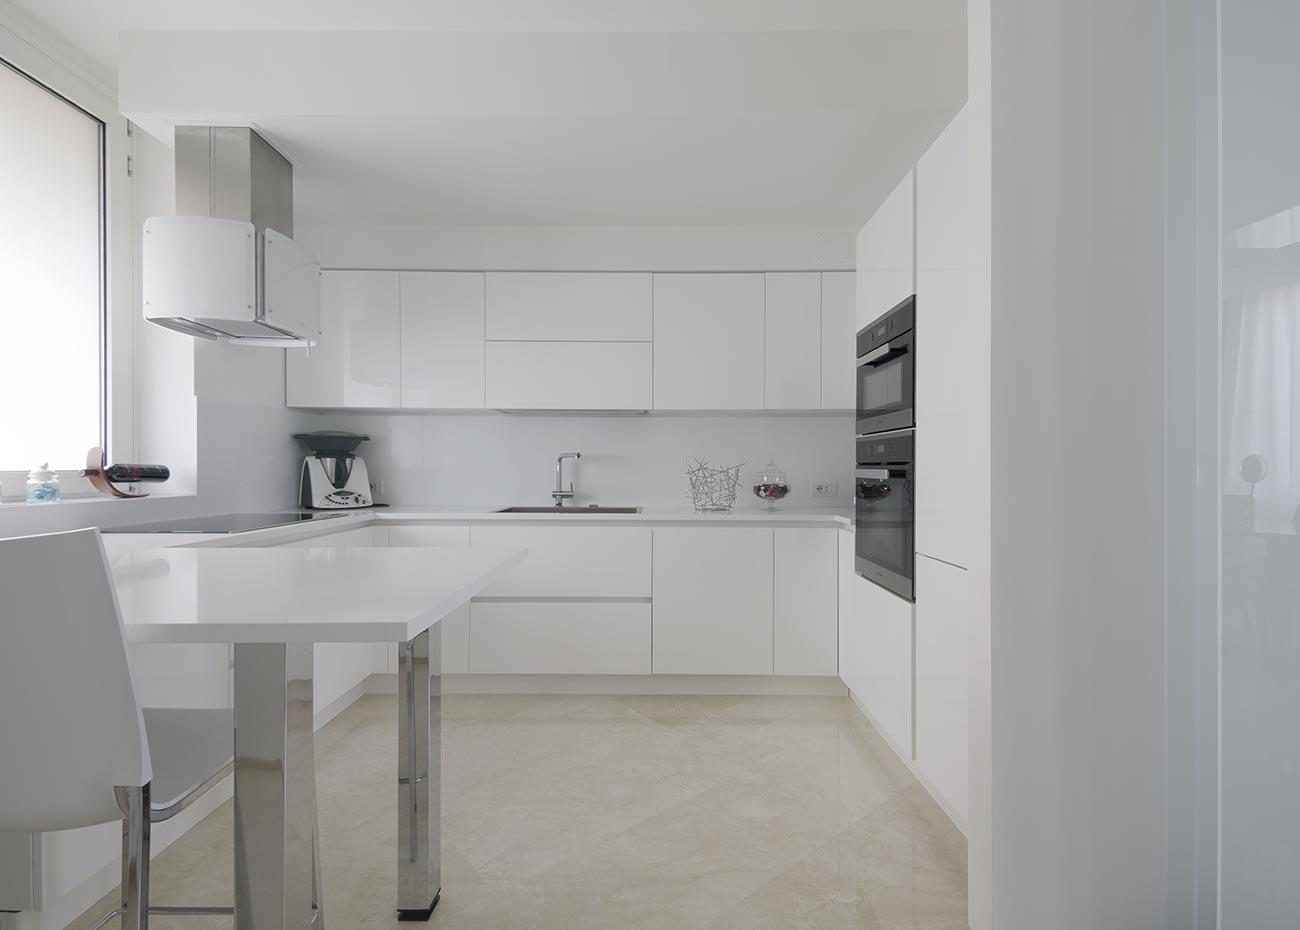 cucina-con-pavimento-in-marmo-spagnolo-crema-marfil